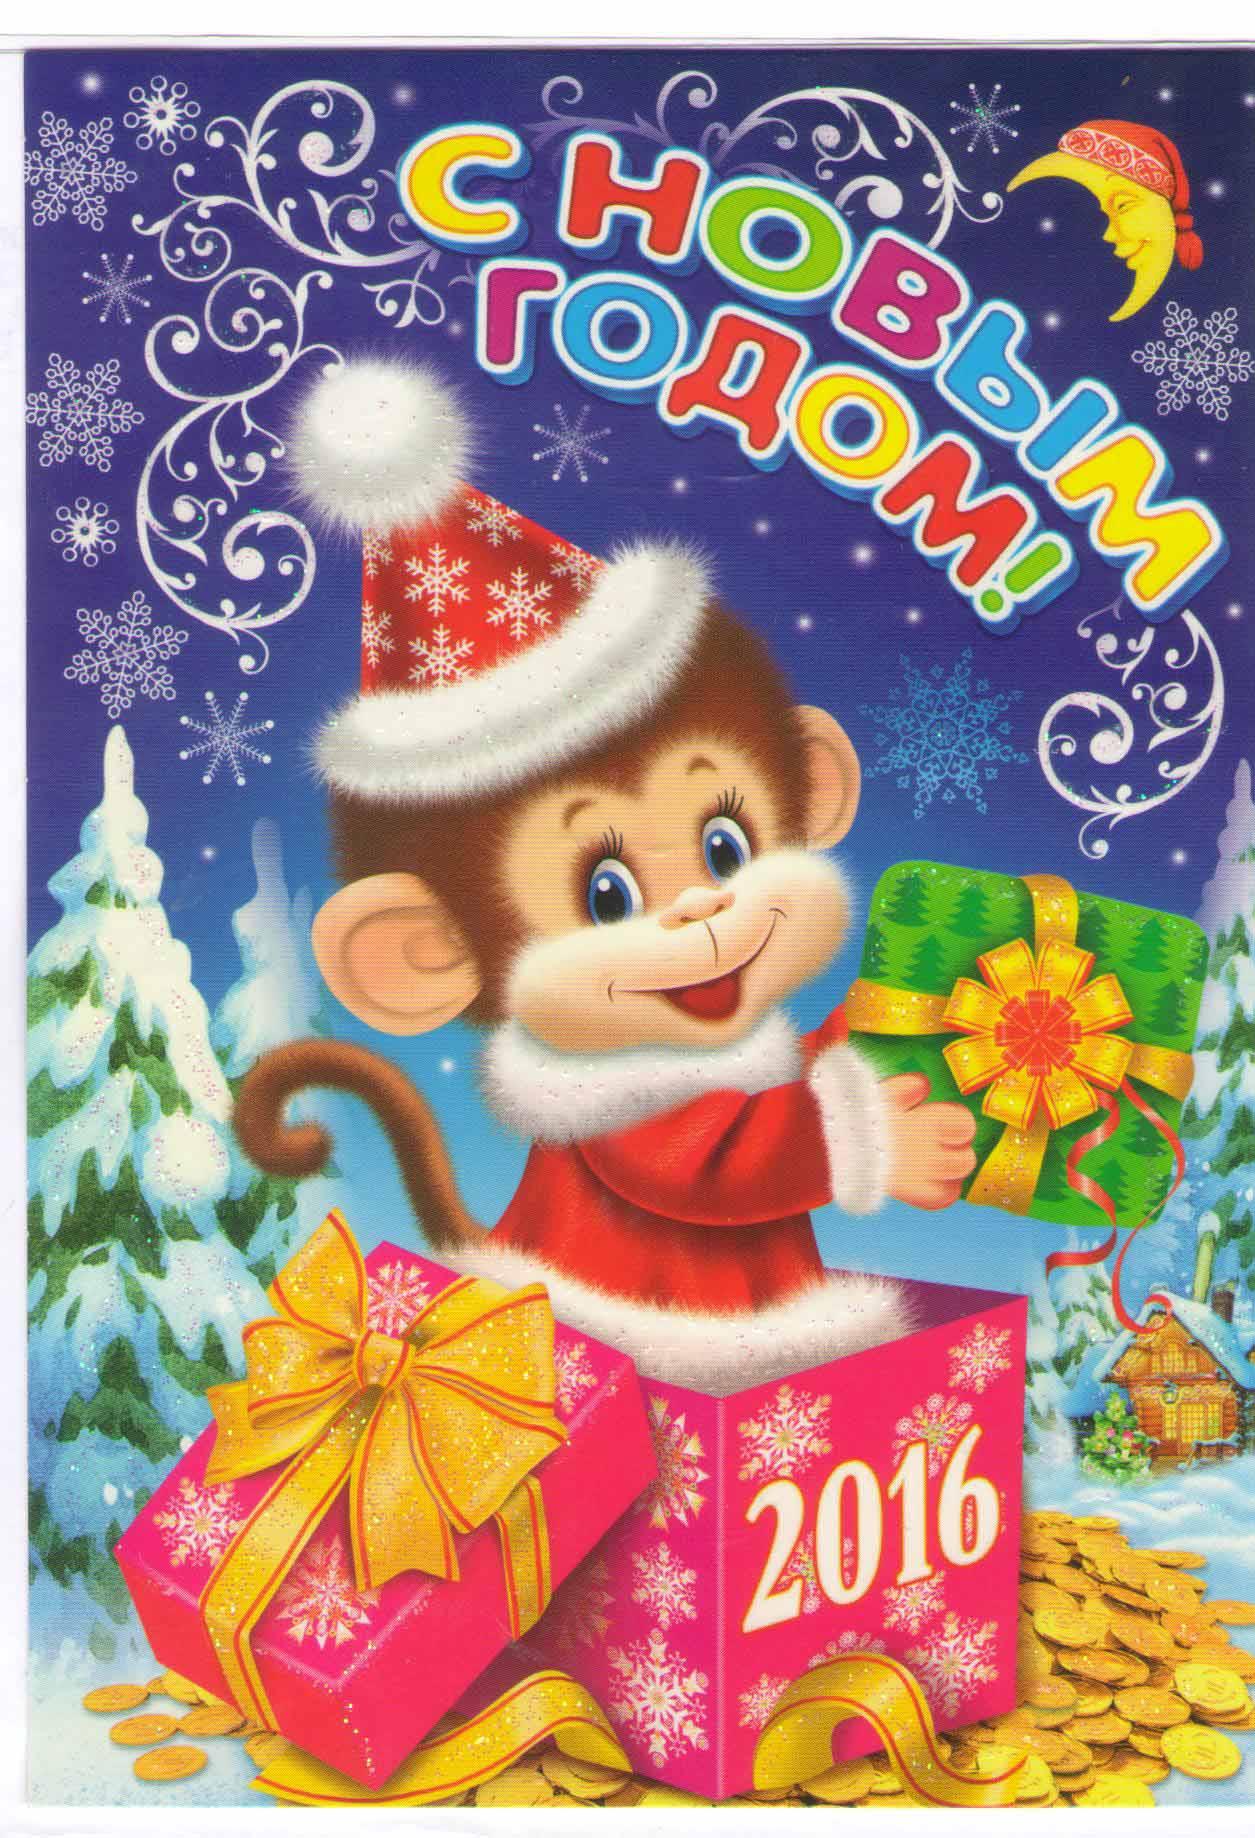 Новогоднее поздравление с годом обезьяны с картинками